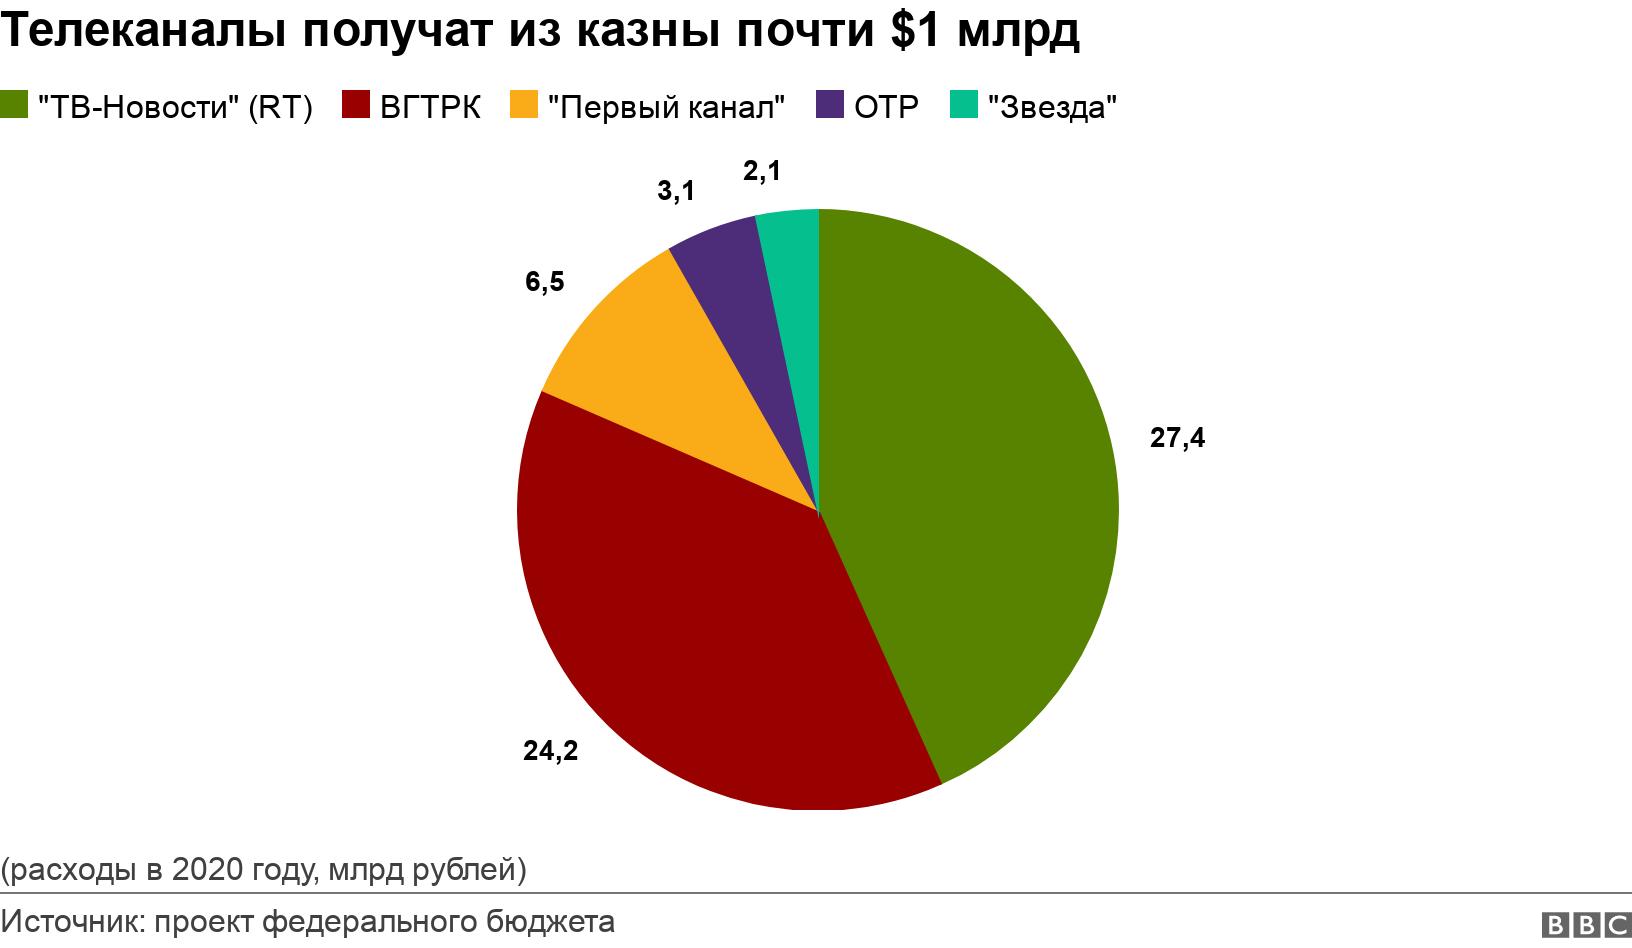 Телеканалы получат из казны почти $1 млрд. .  (расходы в 2020 году, млрд рублей).